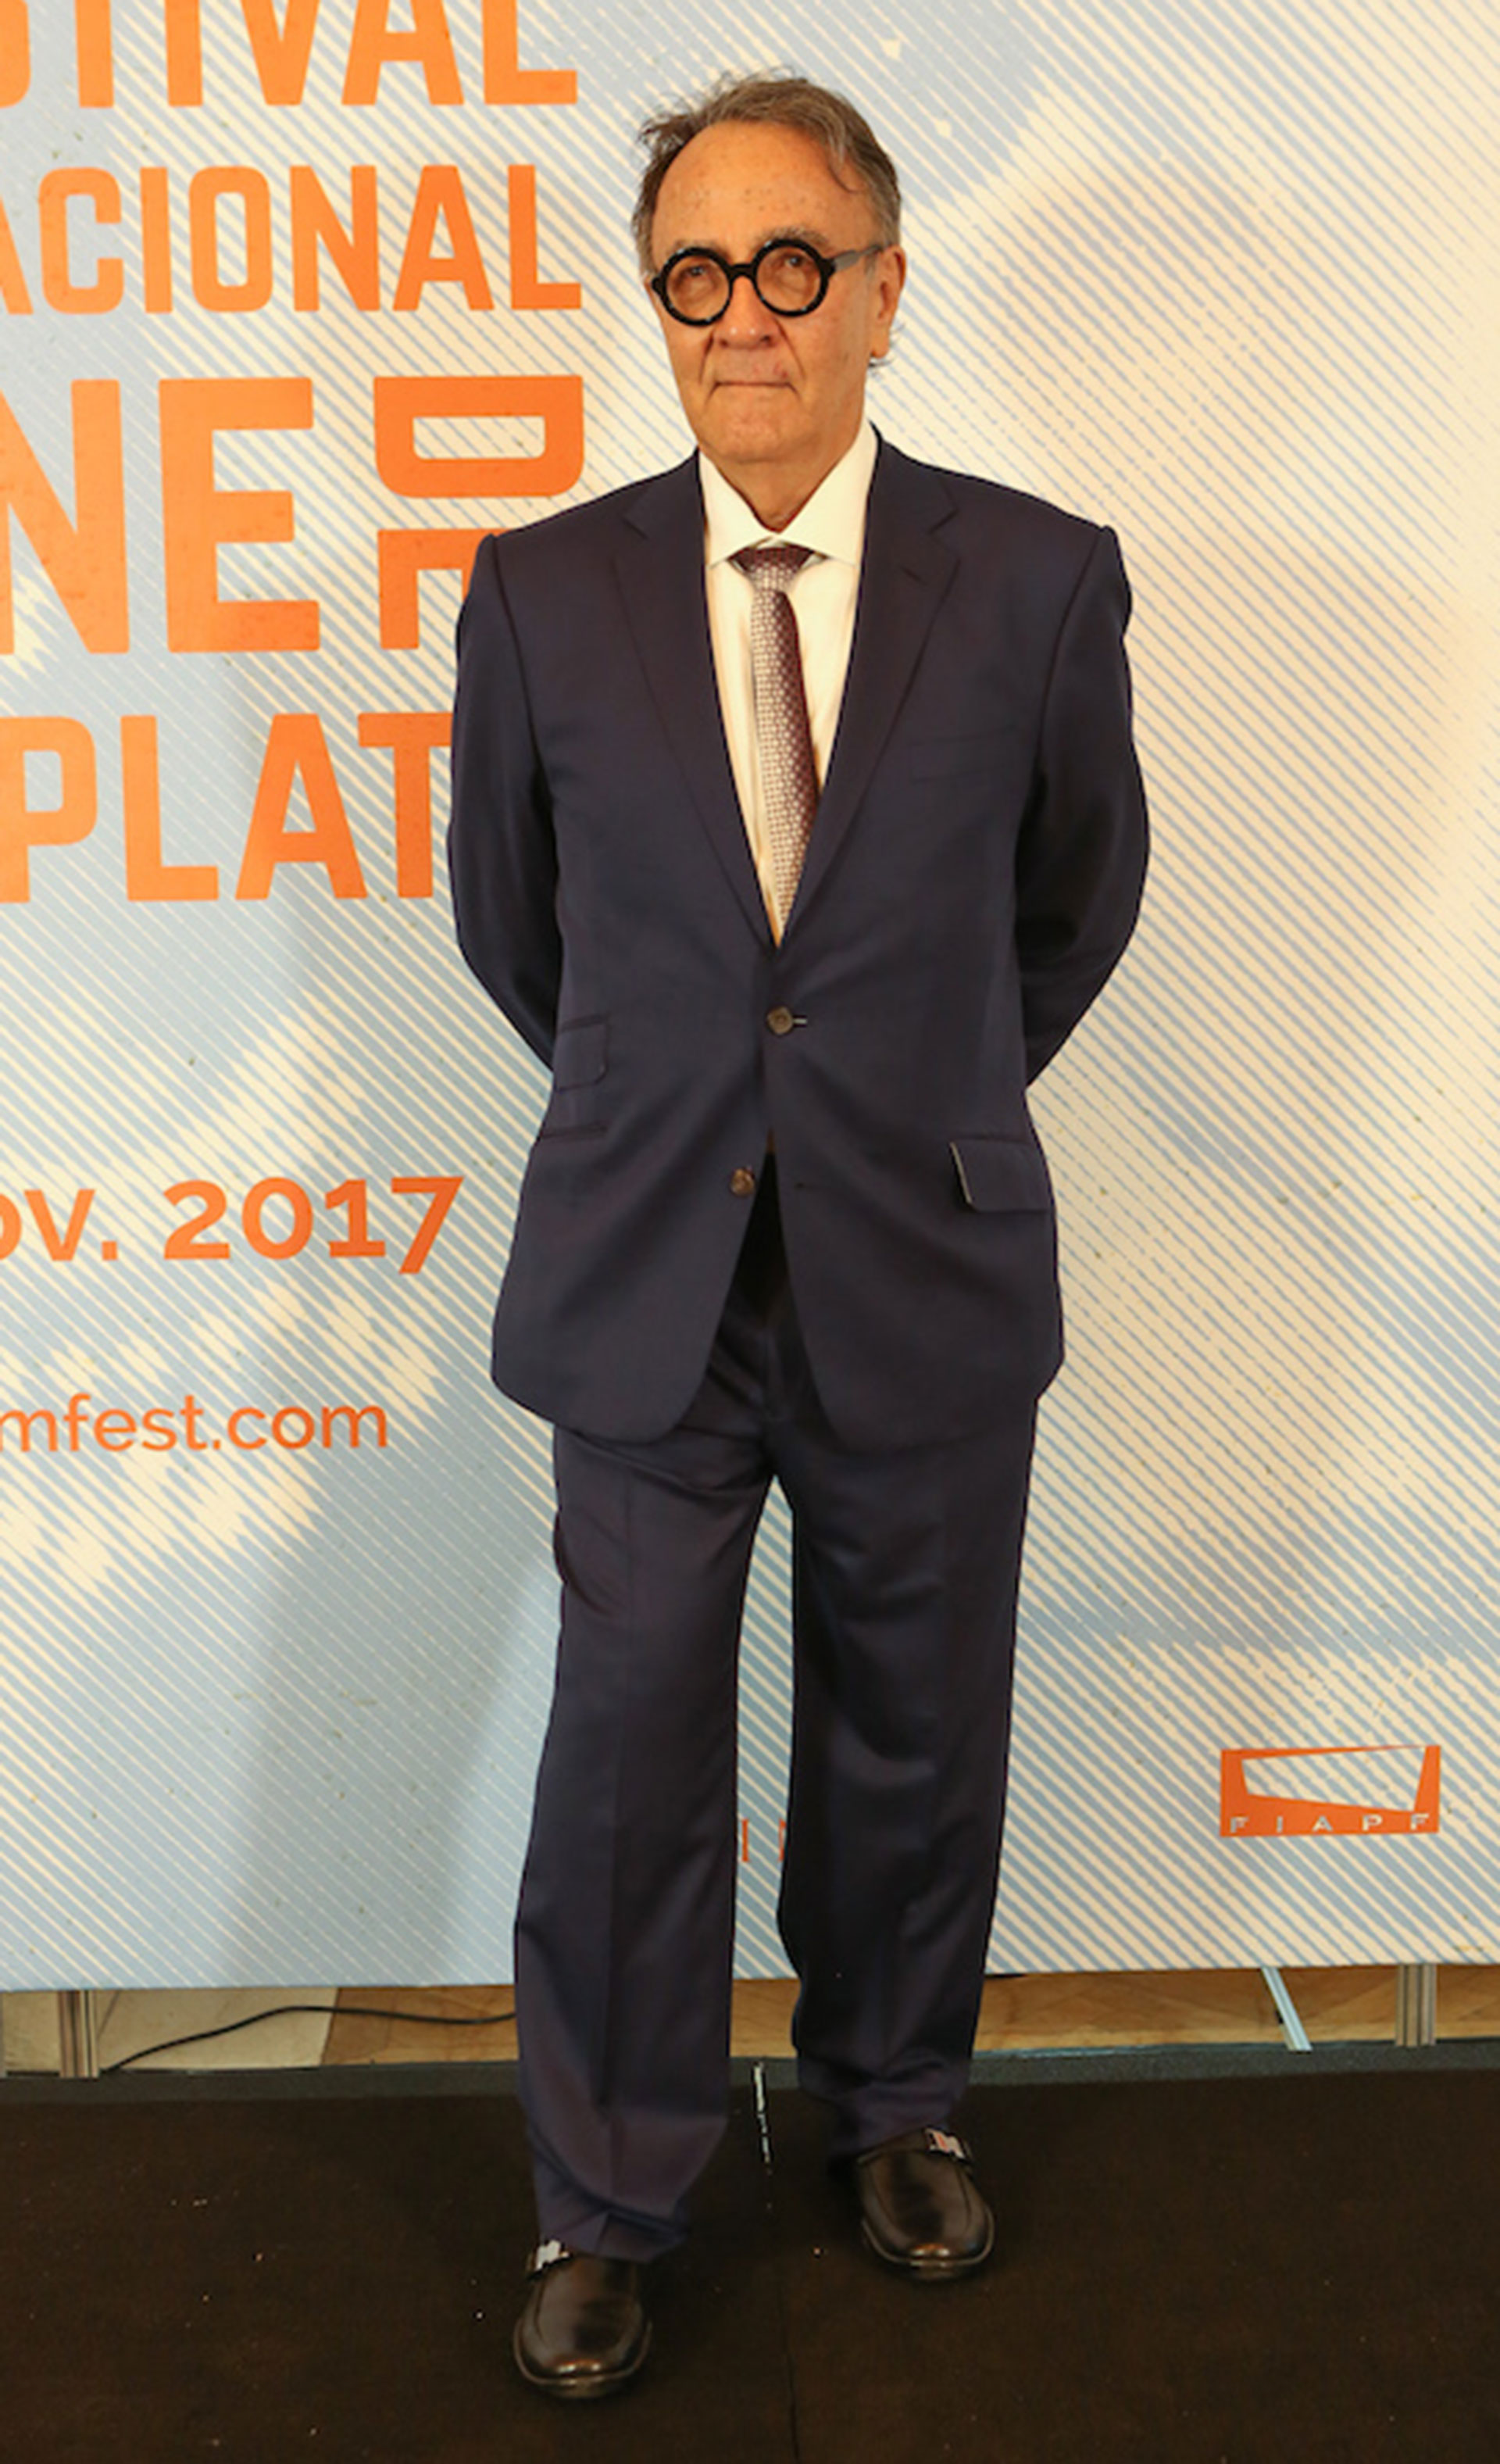 El norteamericano Peter Scarlet, director artístico del Festival de Cine